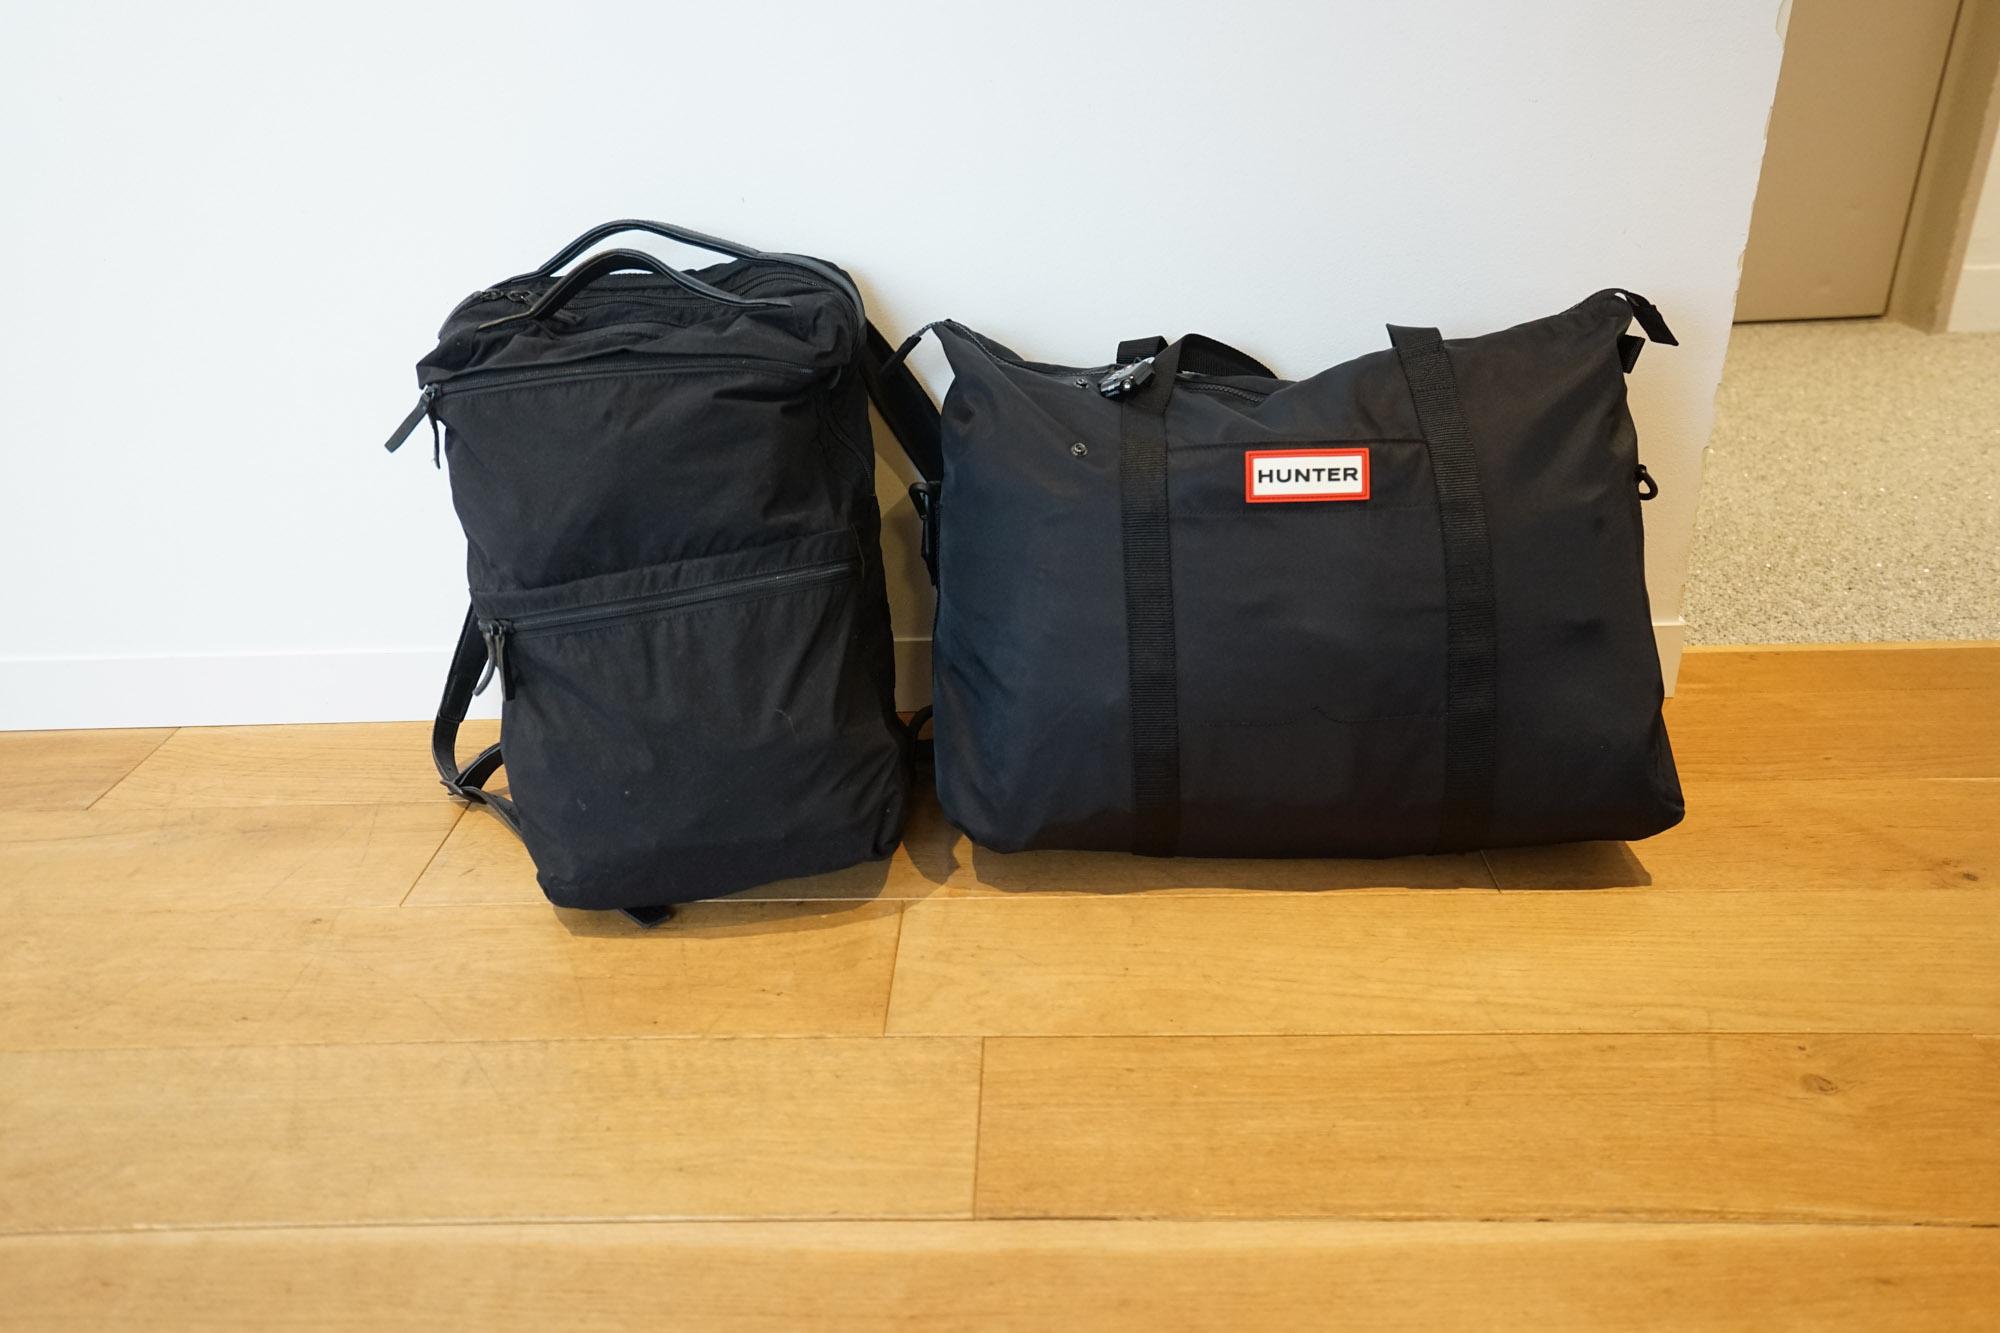 ちなみに、私が普段持ち歩いている荷物はこの2つ。パソコンや取材用一眼レフの入ったバックパックと、HUNTERの「ORIGINAL NYLON WKENDER」です。